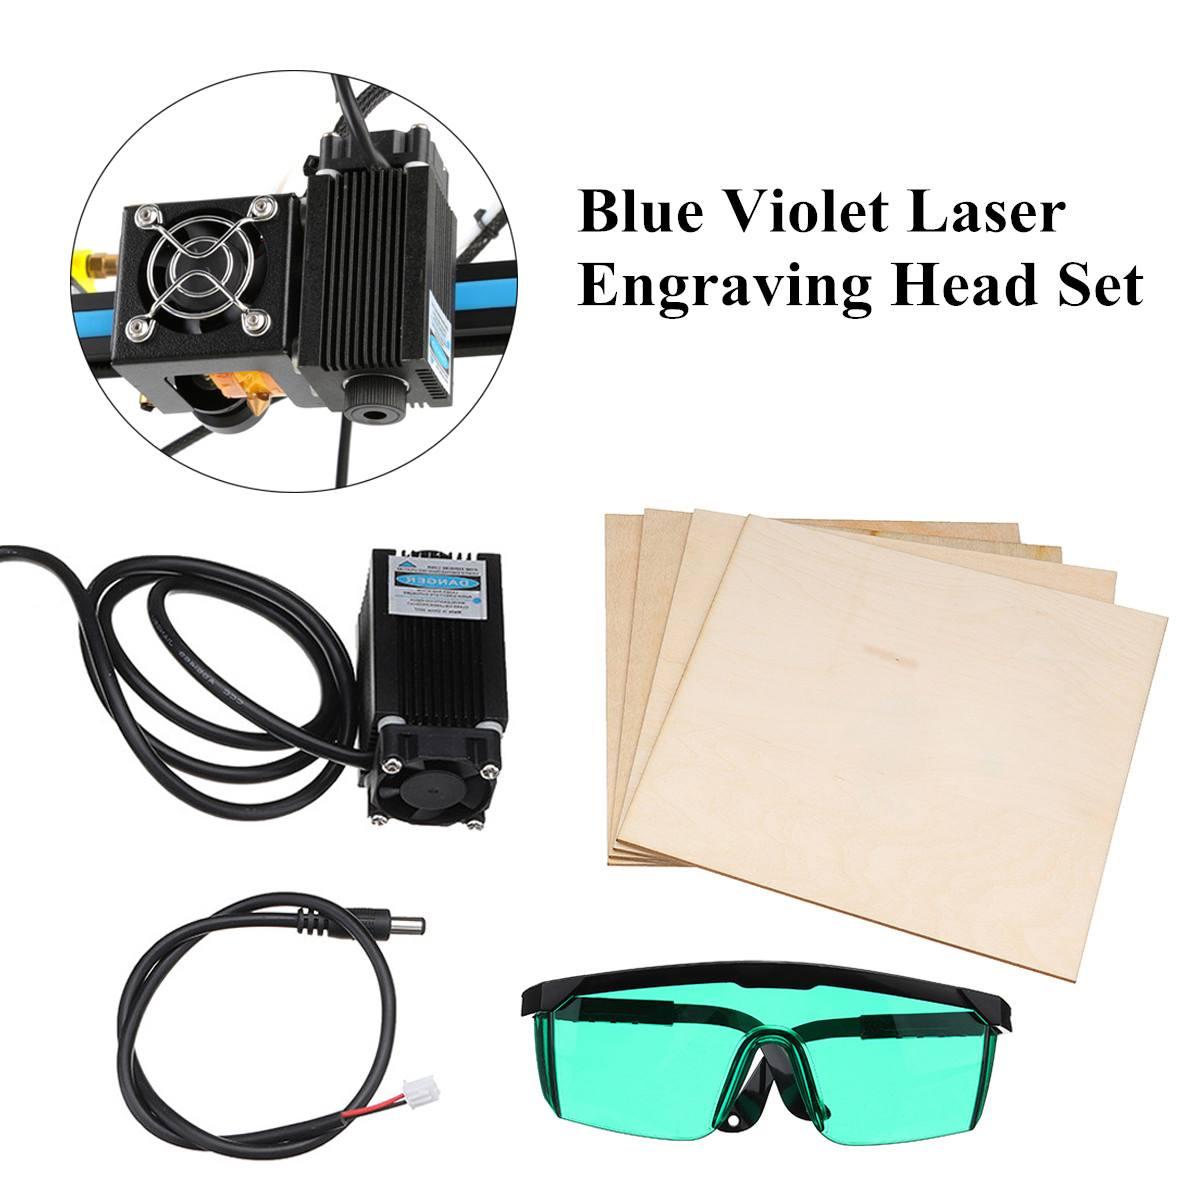 12V Blue Violet Laser Engraving Head Set With Glasses Wood Plates Module Blue Violet For Creality CR-10 CR-10S 3D Printer